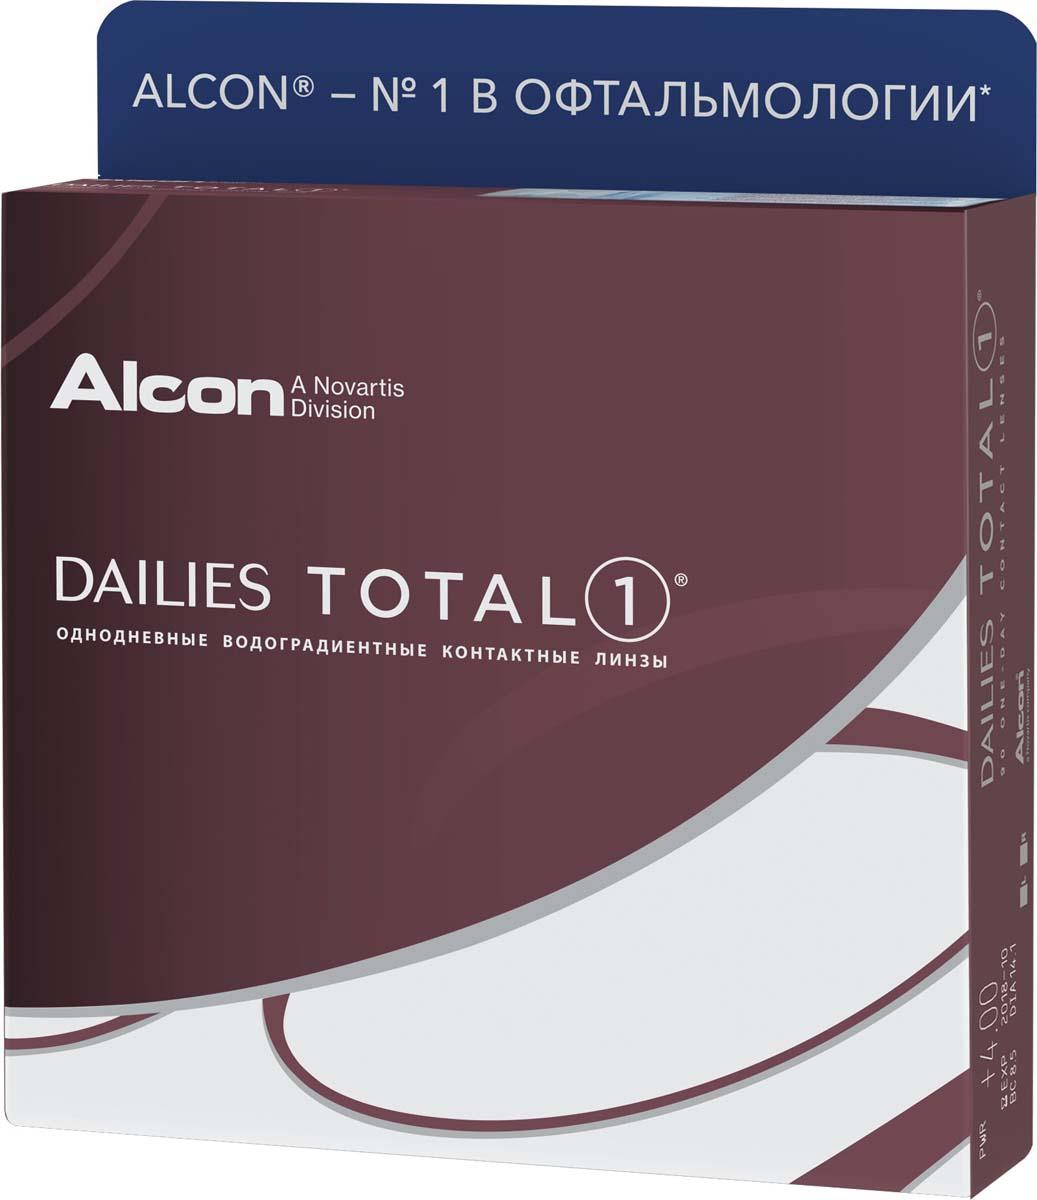 Аlcon Контактные линзы Dailies Total 90 шт /+4.00 /8.5 /14.1